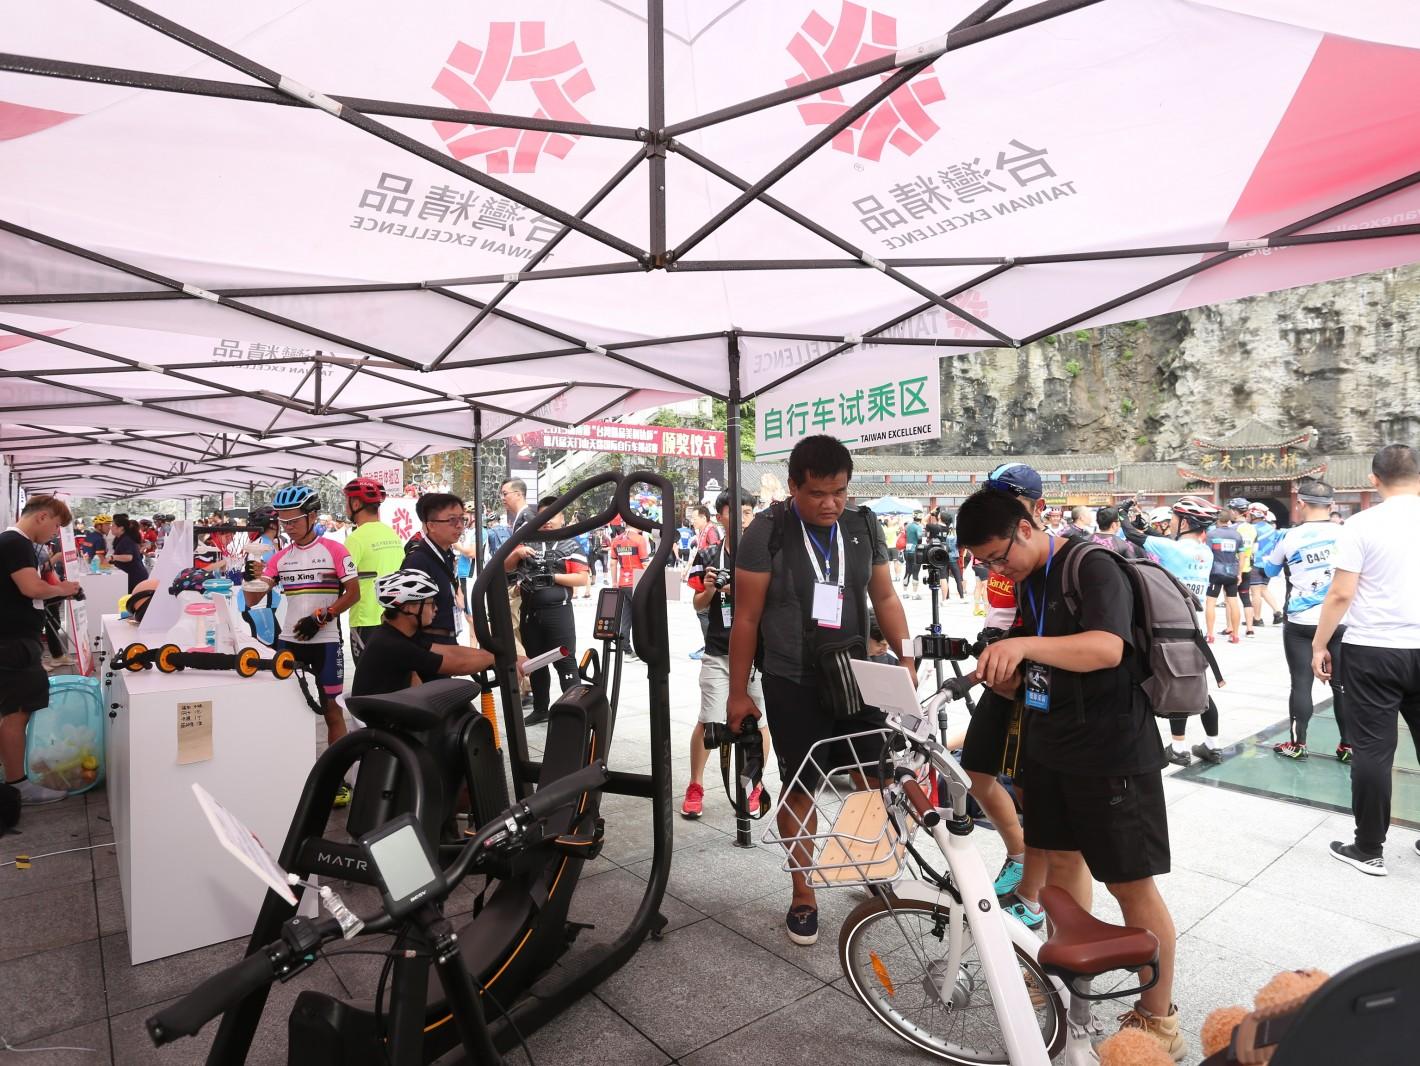 台湾精品体验营展出17家台湾精品厂商、50件优质产品,提供运动爱好者及参观民众体验